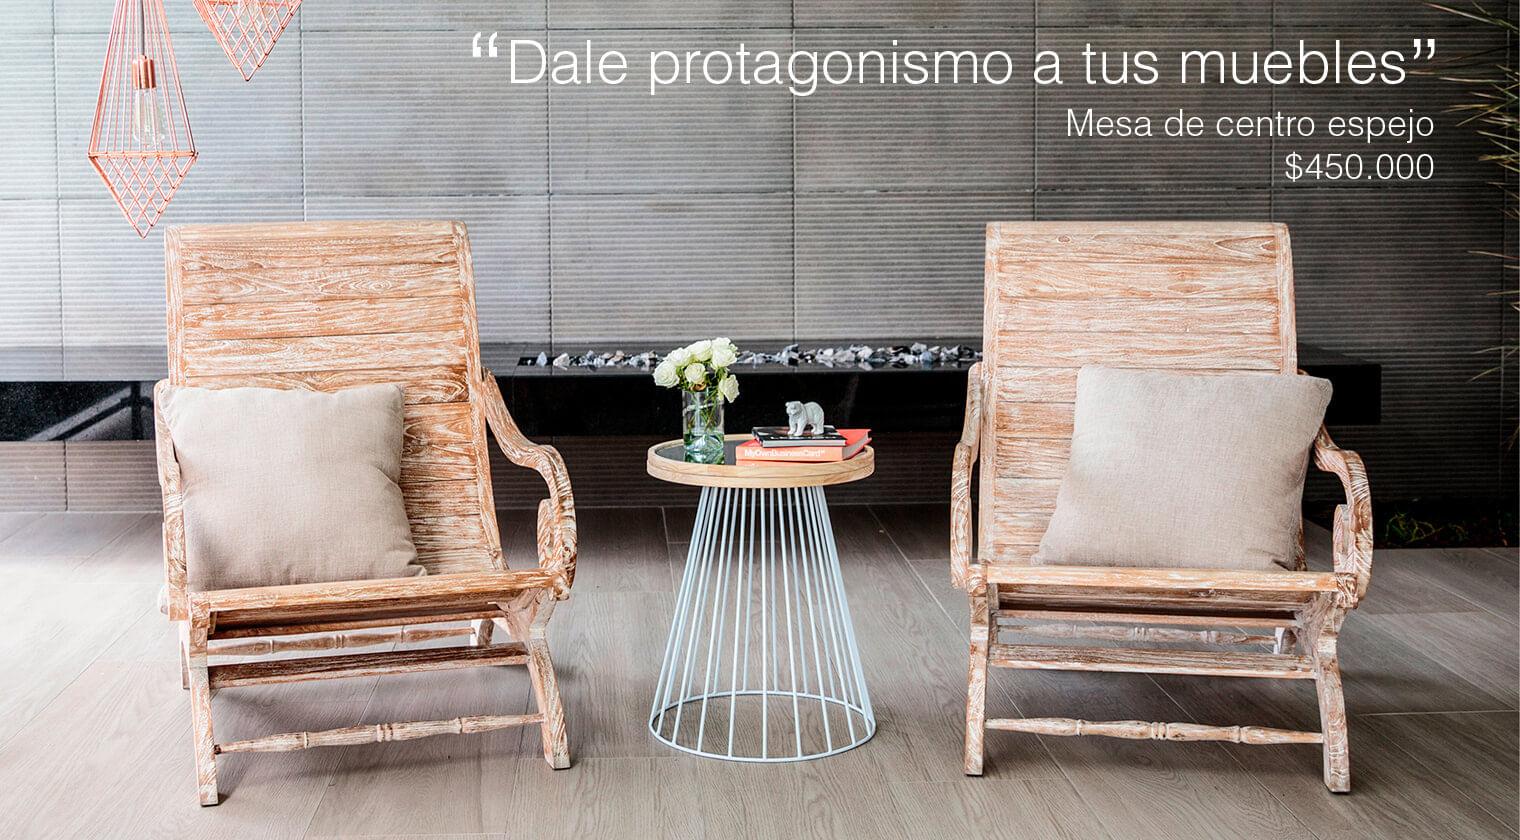 Elmobiliario Tienda Online De Muebles Y Decoraci N Bogot Colombia # Nit Muebles Y Accesorios Sa